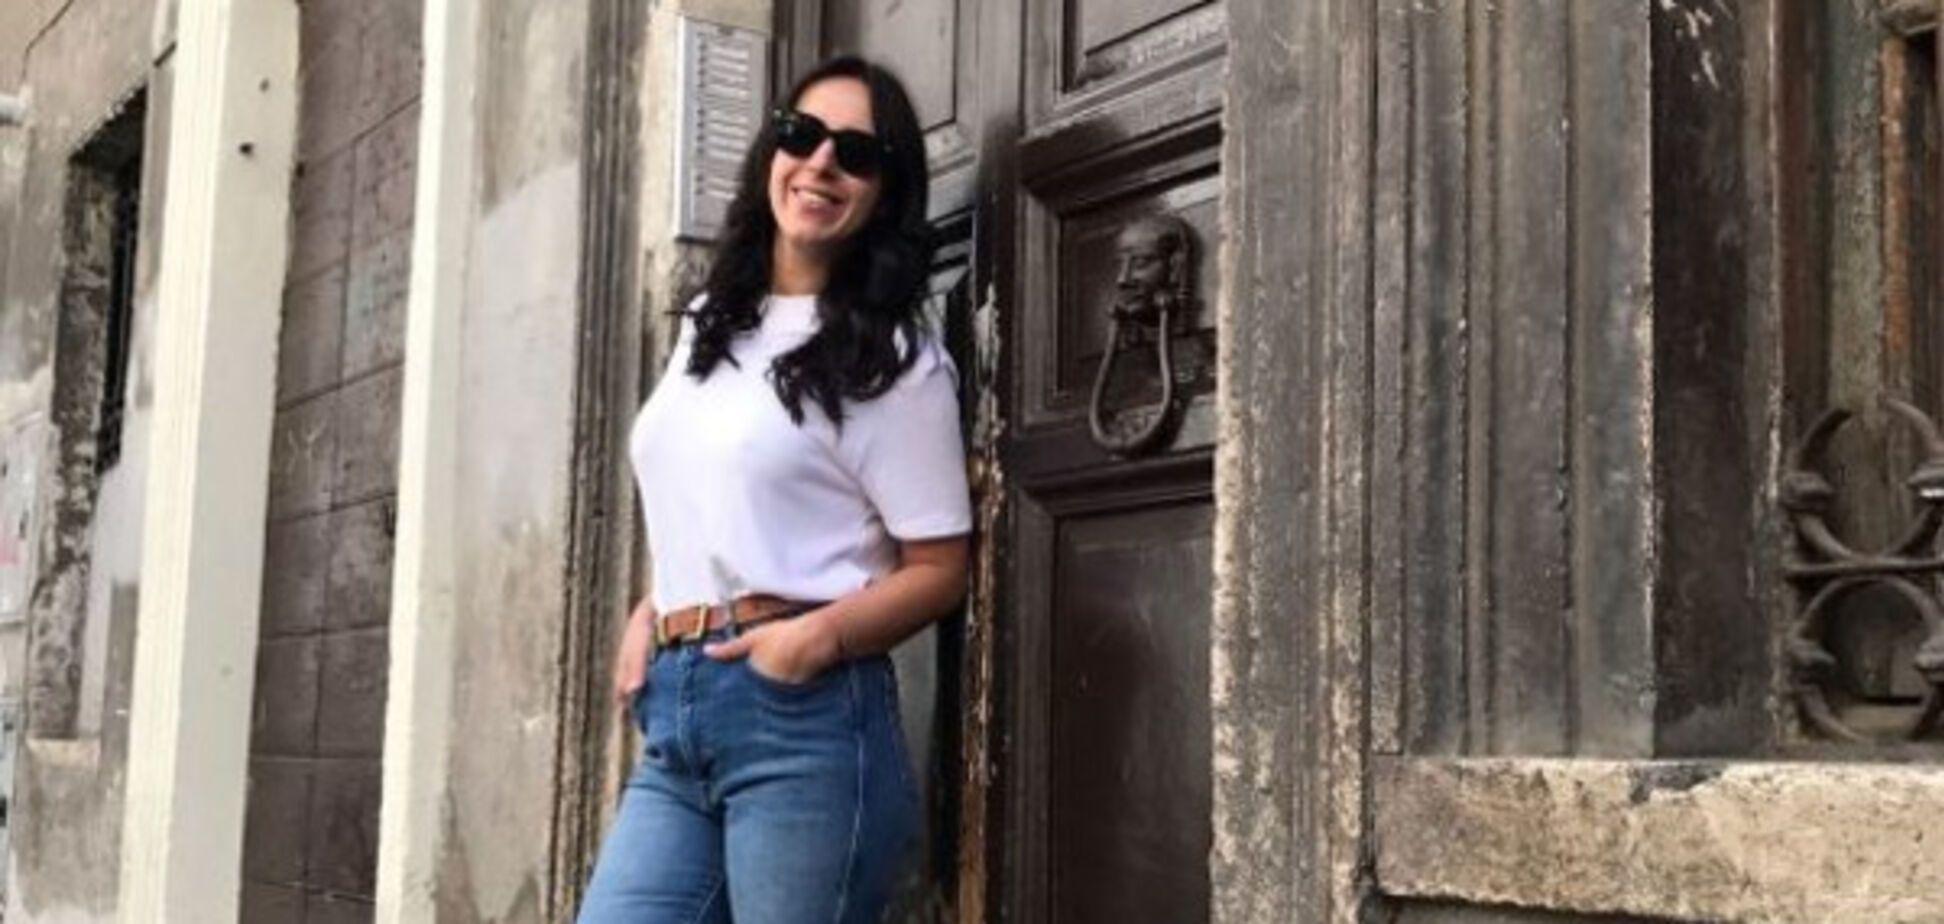 Джамала 'выгуляла' несколько модных джинсовых образов в Италии